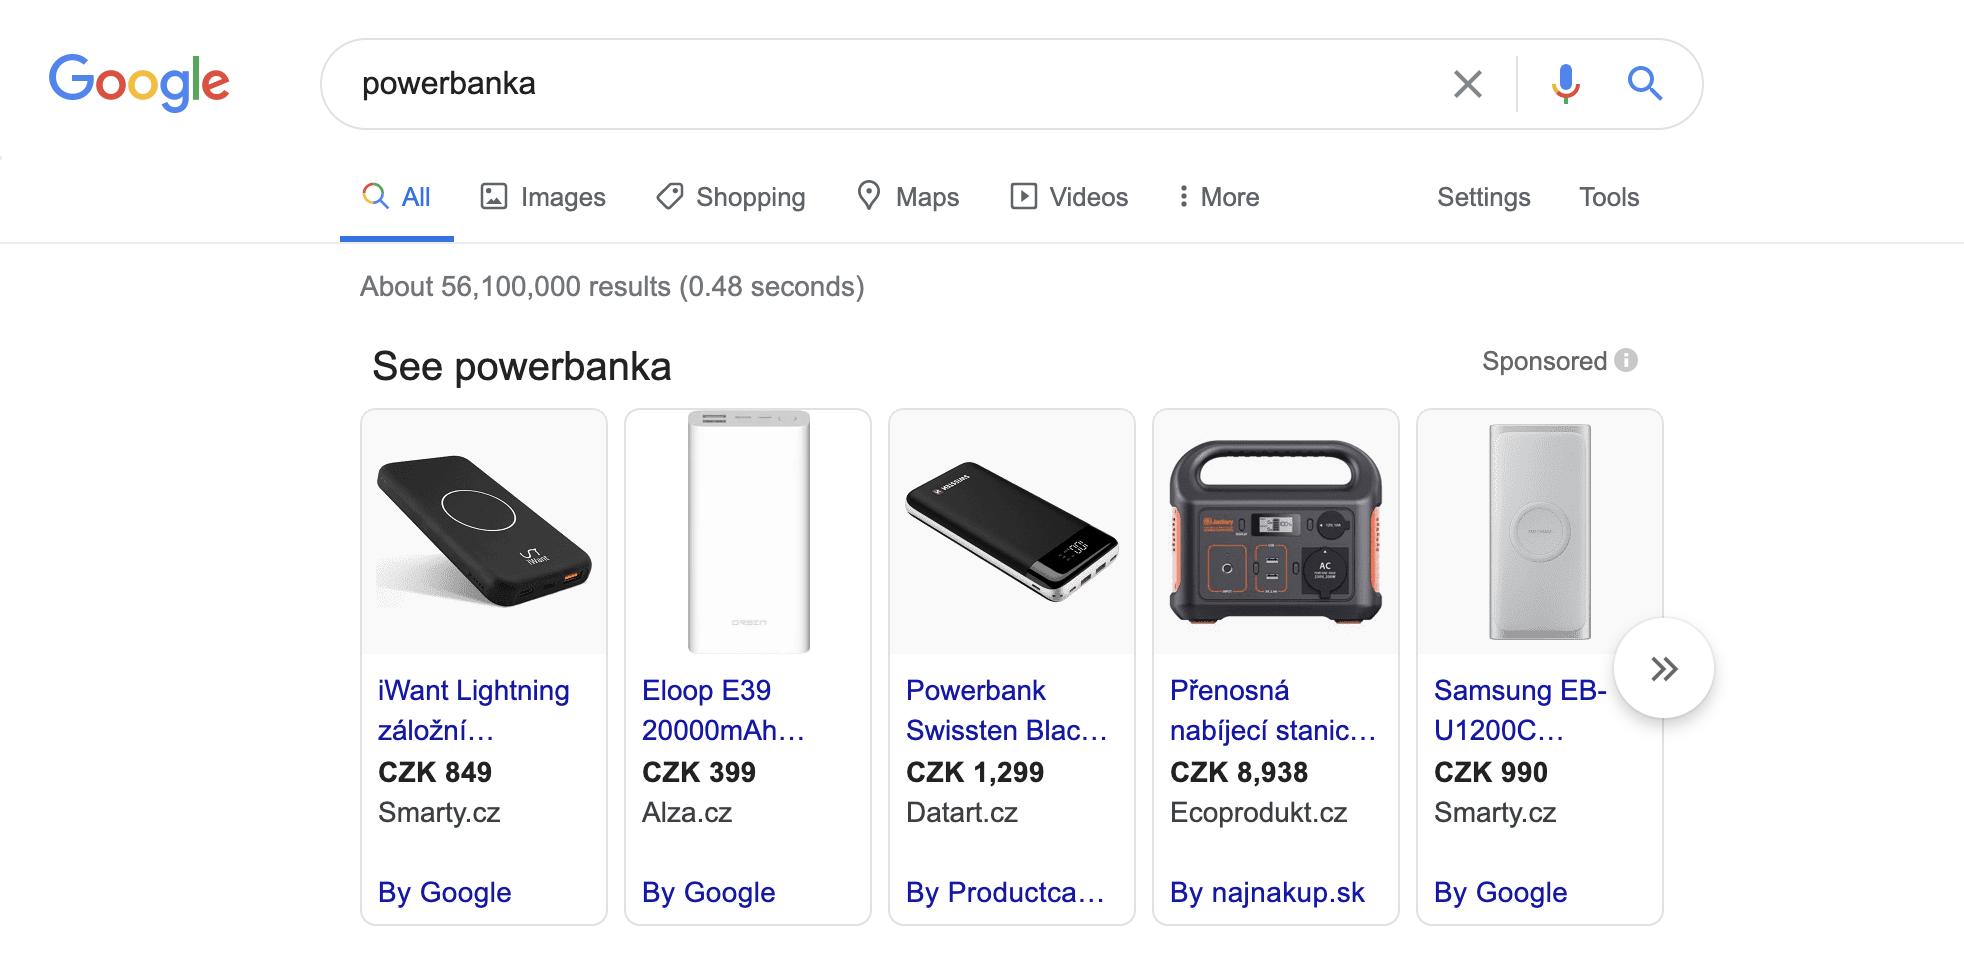 Novinka týdne – Nákupy Google právě přidali Shopify & Paypal